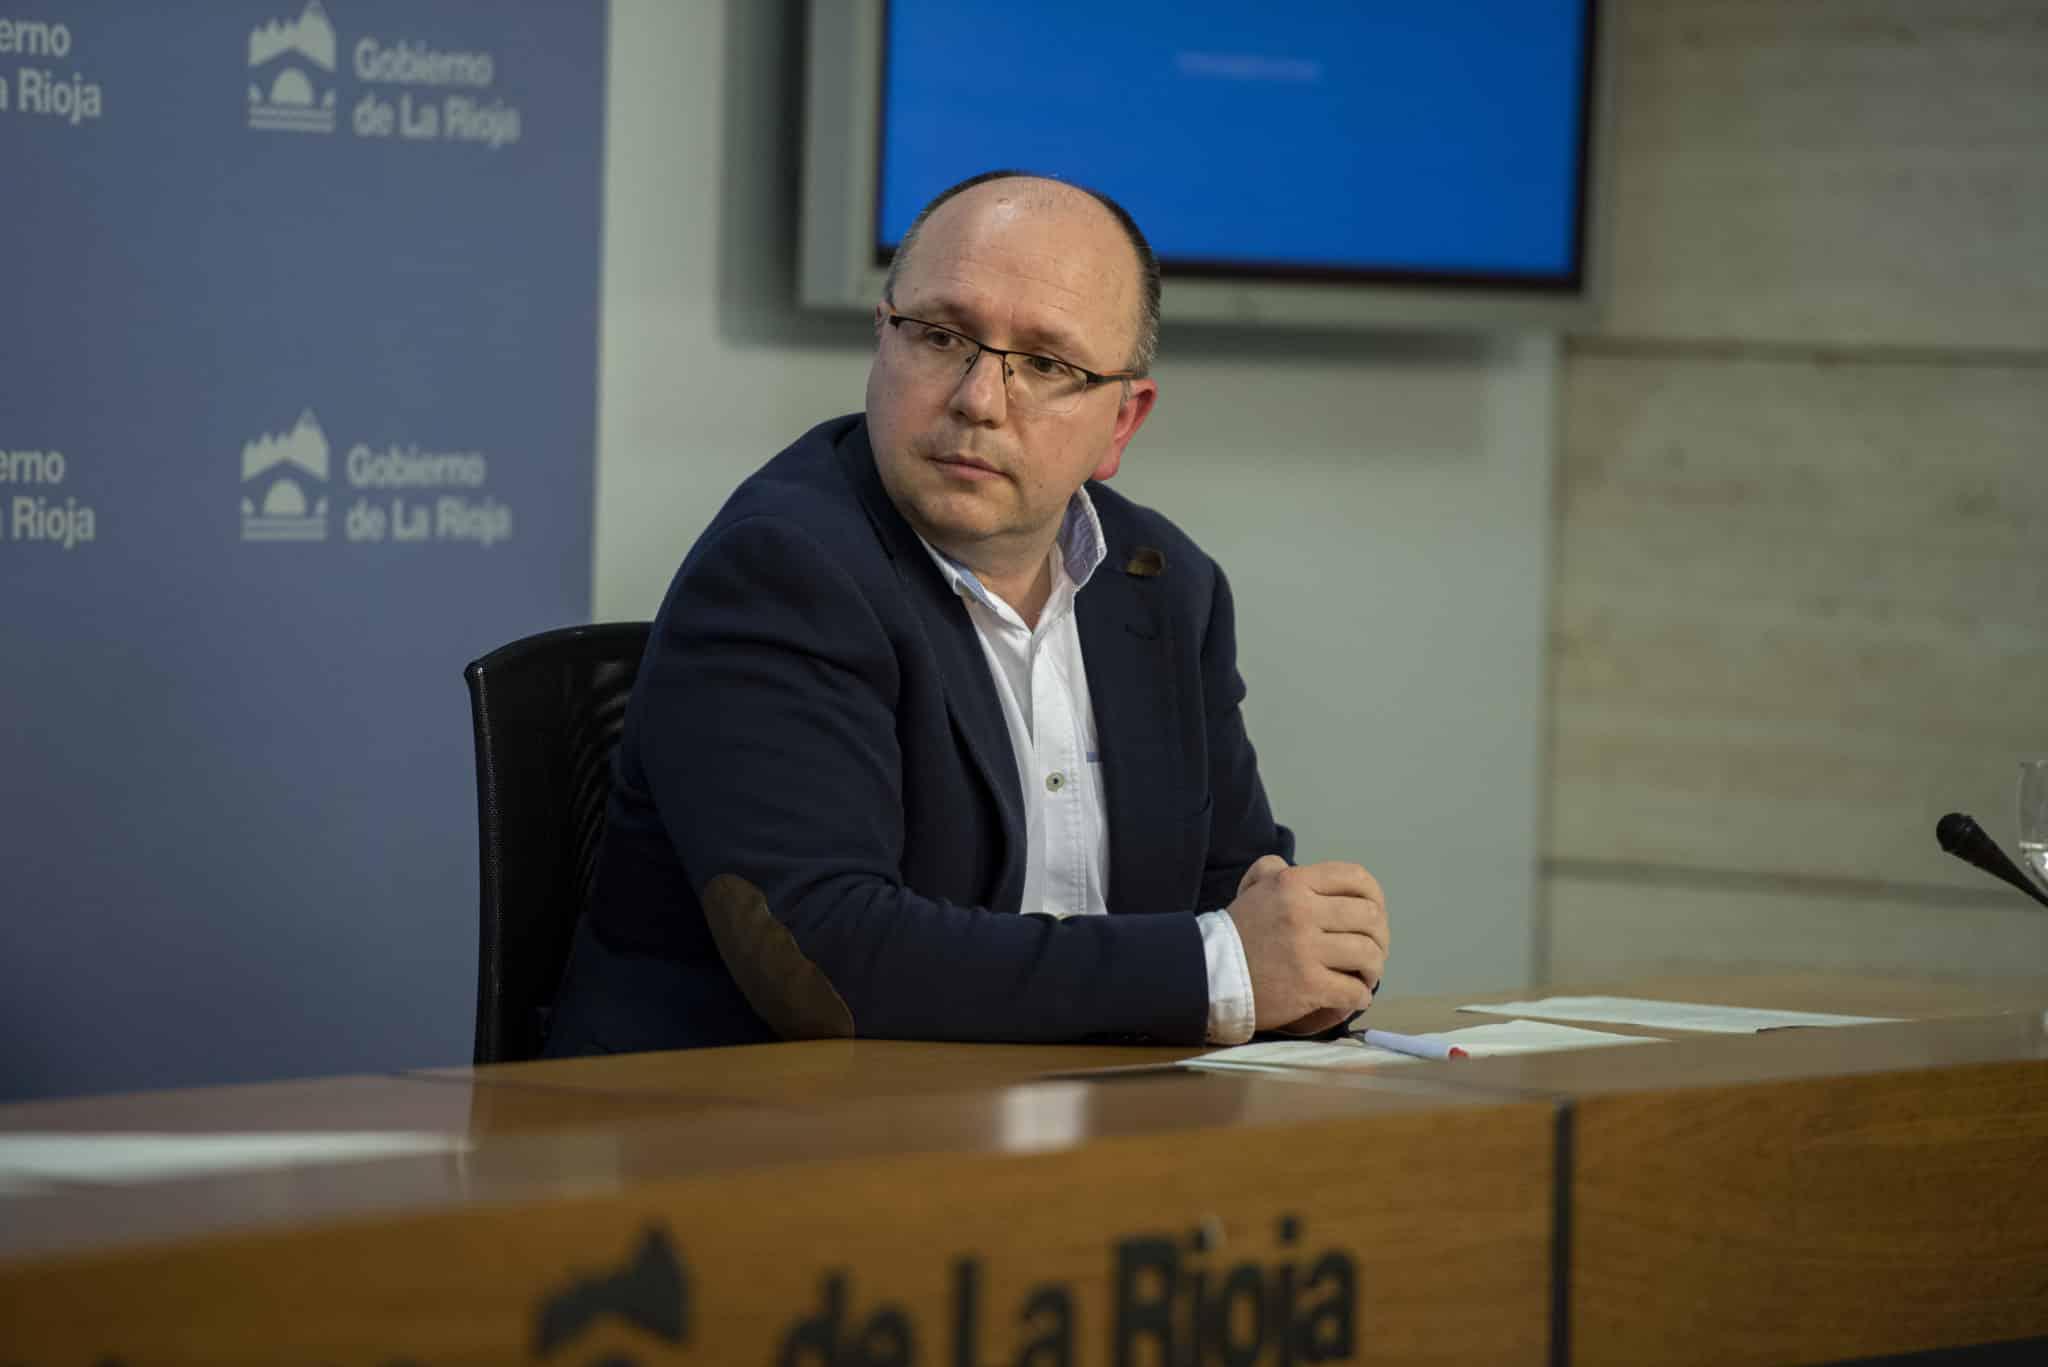 La Rioja ofrece un decálogo para cuidar la salud mental y emocional de todos los ciudadanos durante el Estado de Alarma 1